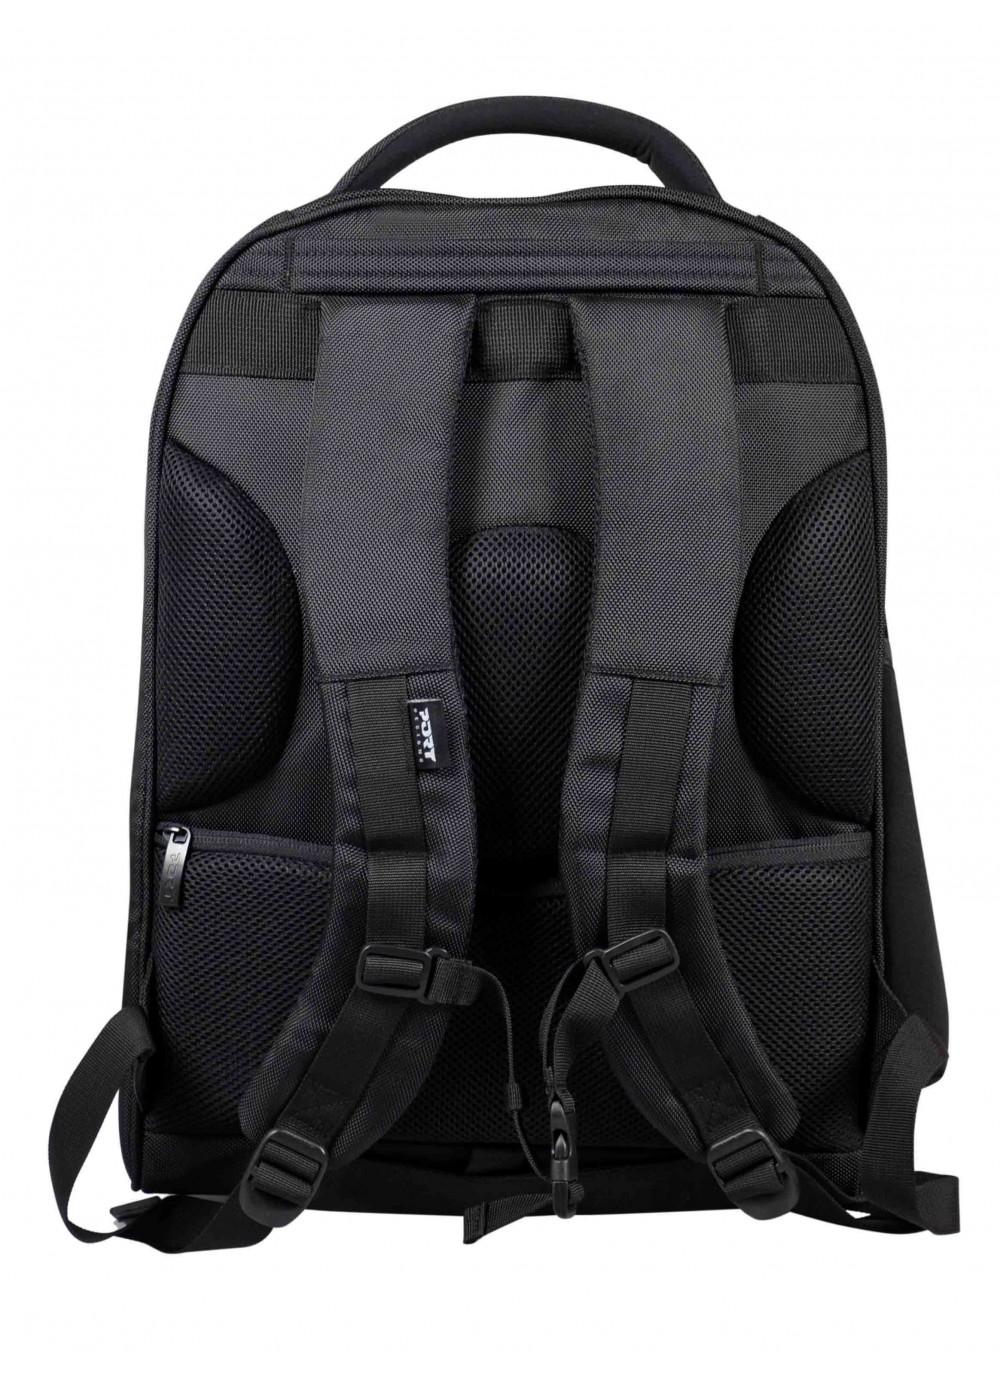 MANHATTAN Backpack  MANHATTAN Backpack  MANHATTAN Backpack ... af74d10861e75